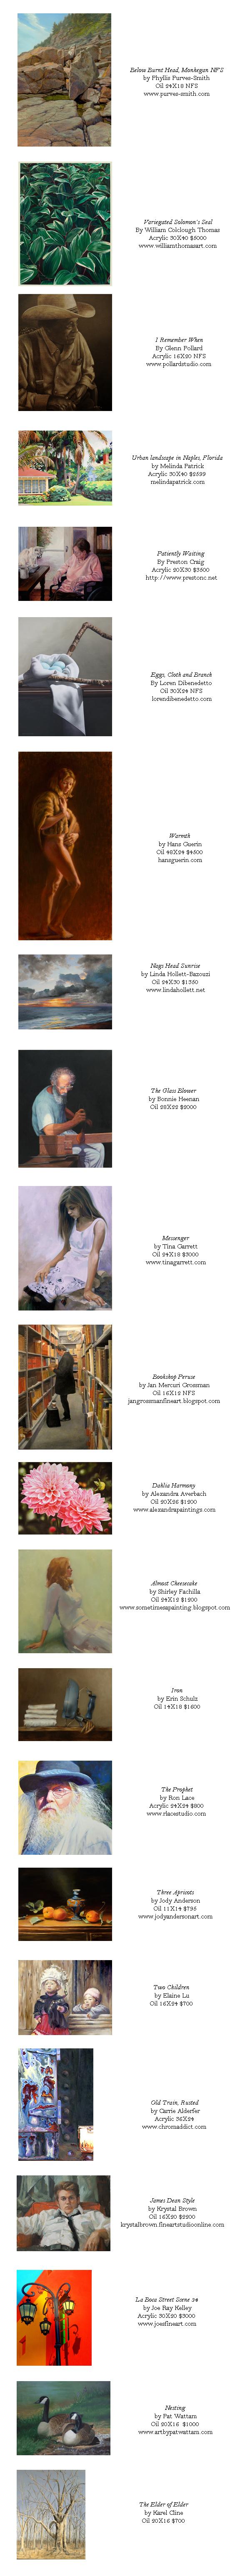 noaps 4 online